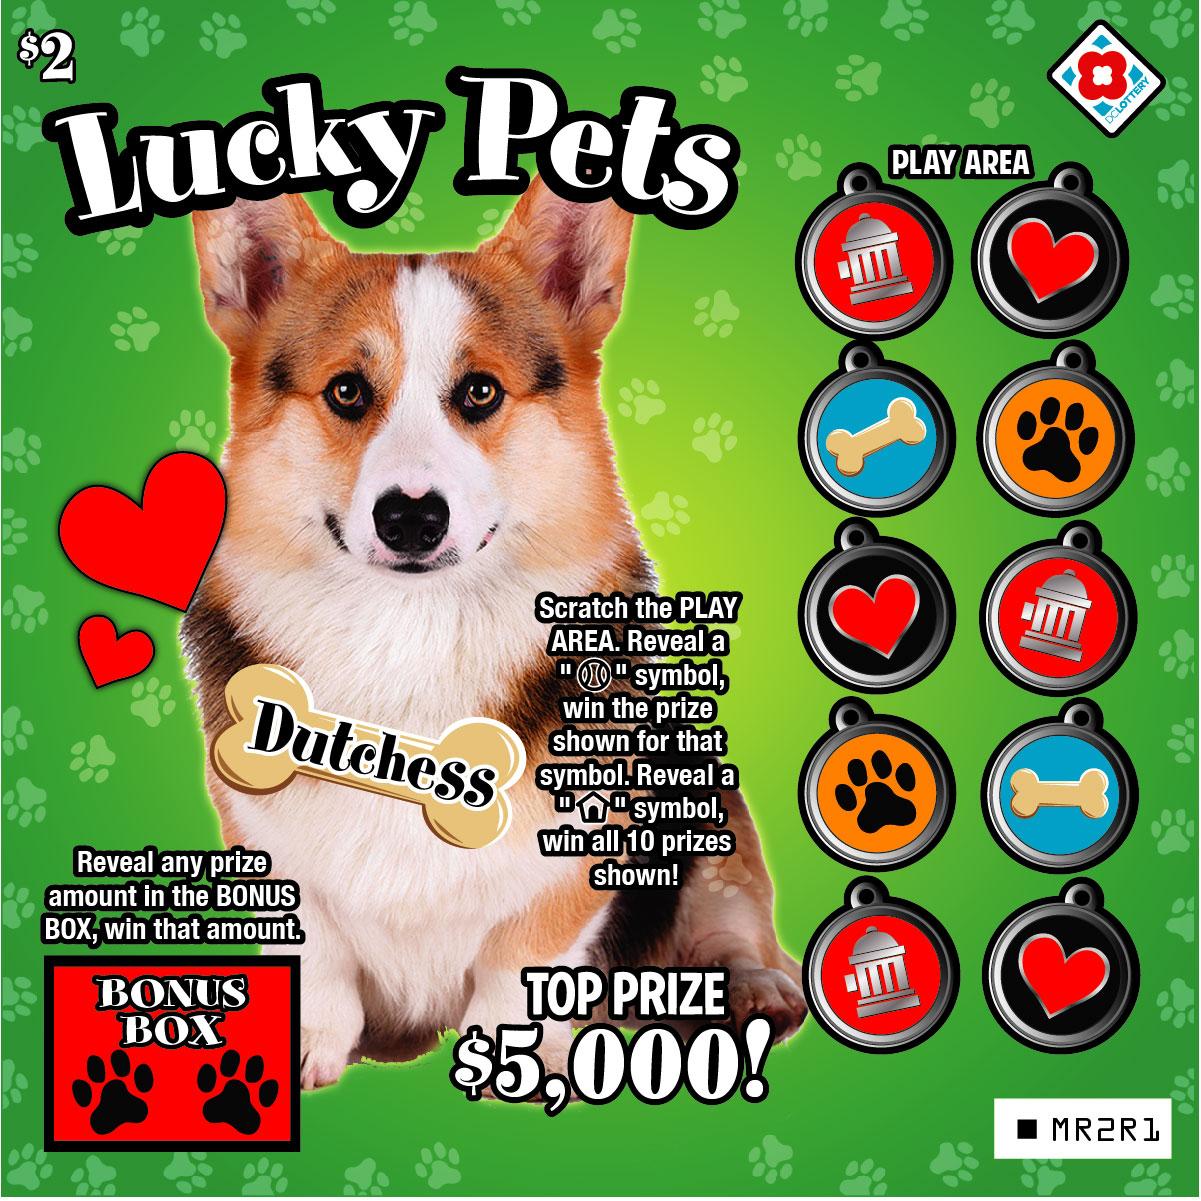 DC Lottery Pet Scratcher